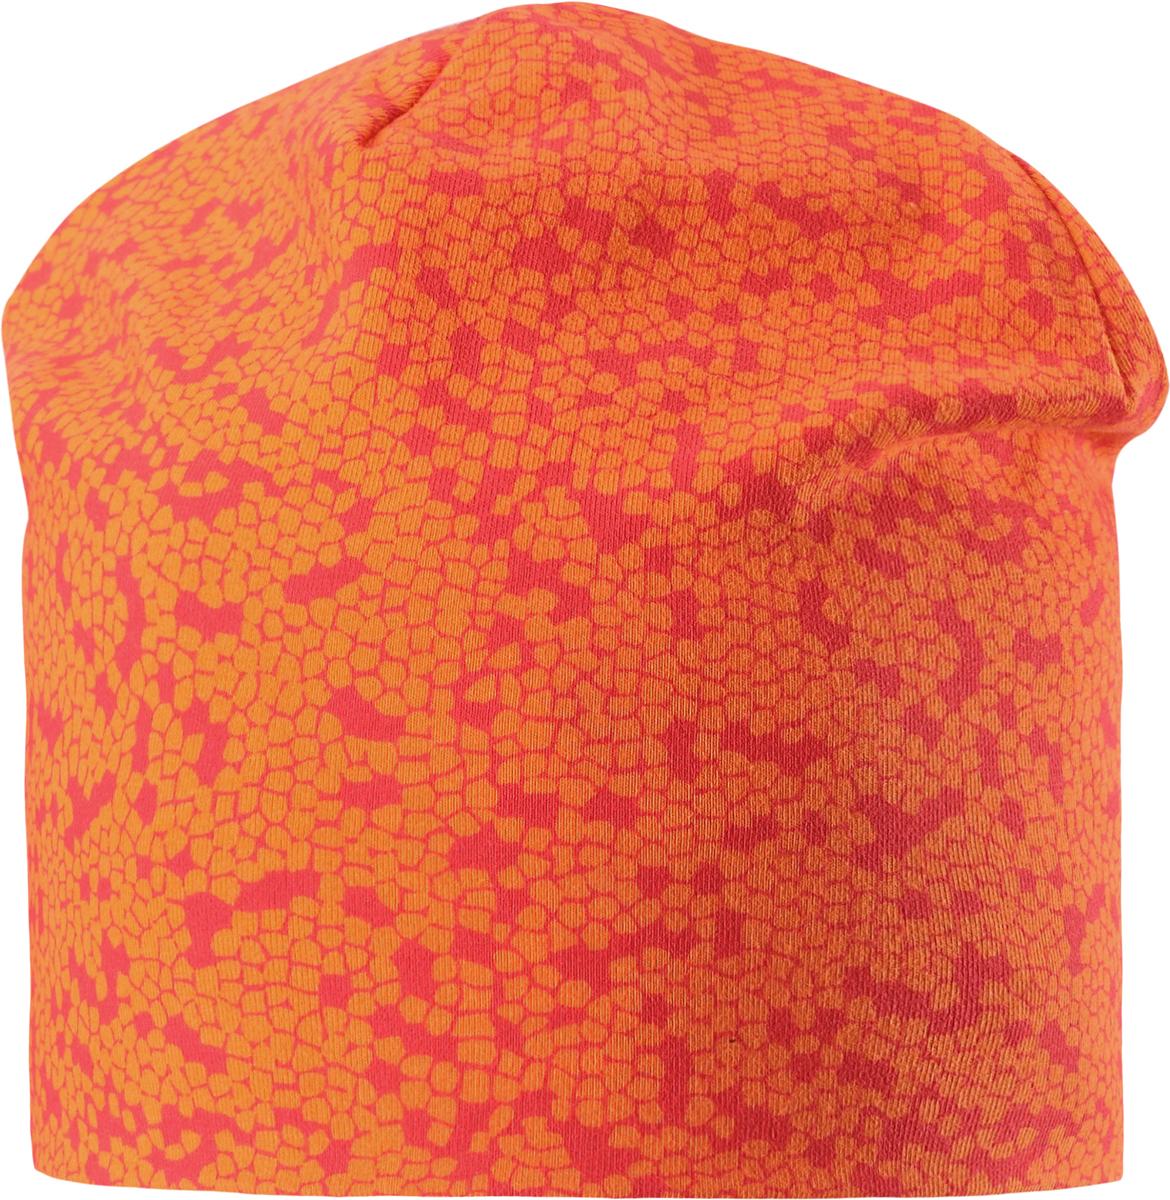 Шапка детская Lassie, цвет: оранжевый. 7287002730. Размер 50/527287002730Удобная трикотажная шапка из хлопка подойдет на все случаи жизни. Полная трикотажная подкладка из смеси хлопка гарантирует тепло, а ветронепроницаемые вставки для ушей защищают от холодного ветра. Декоративная эмблема и модный рисунок.